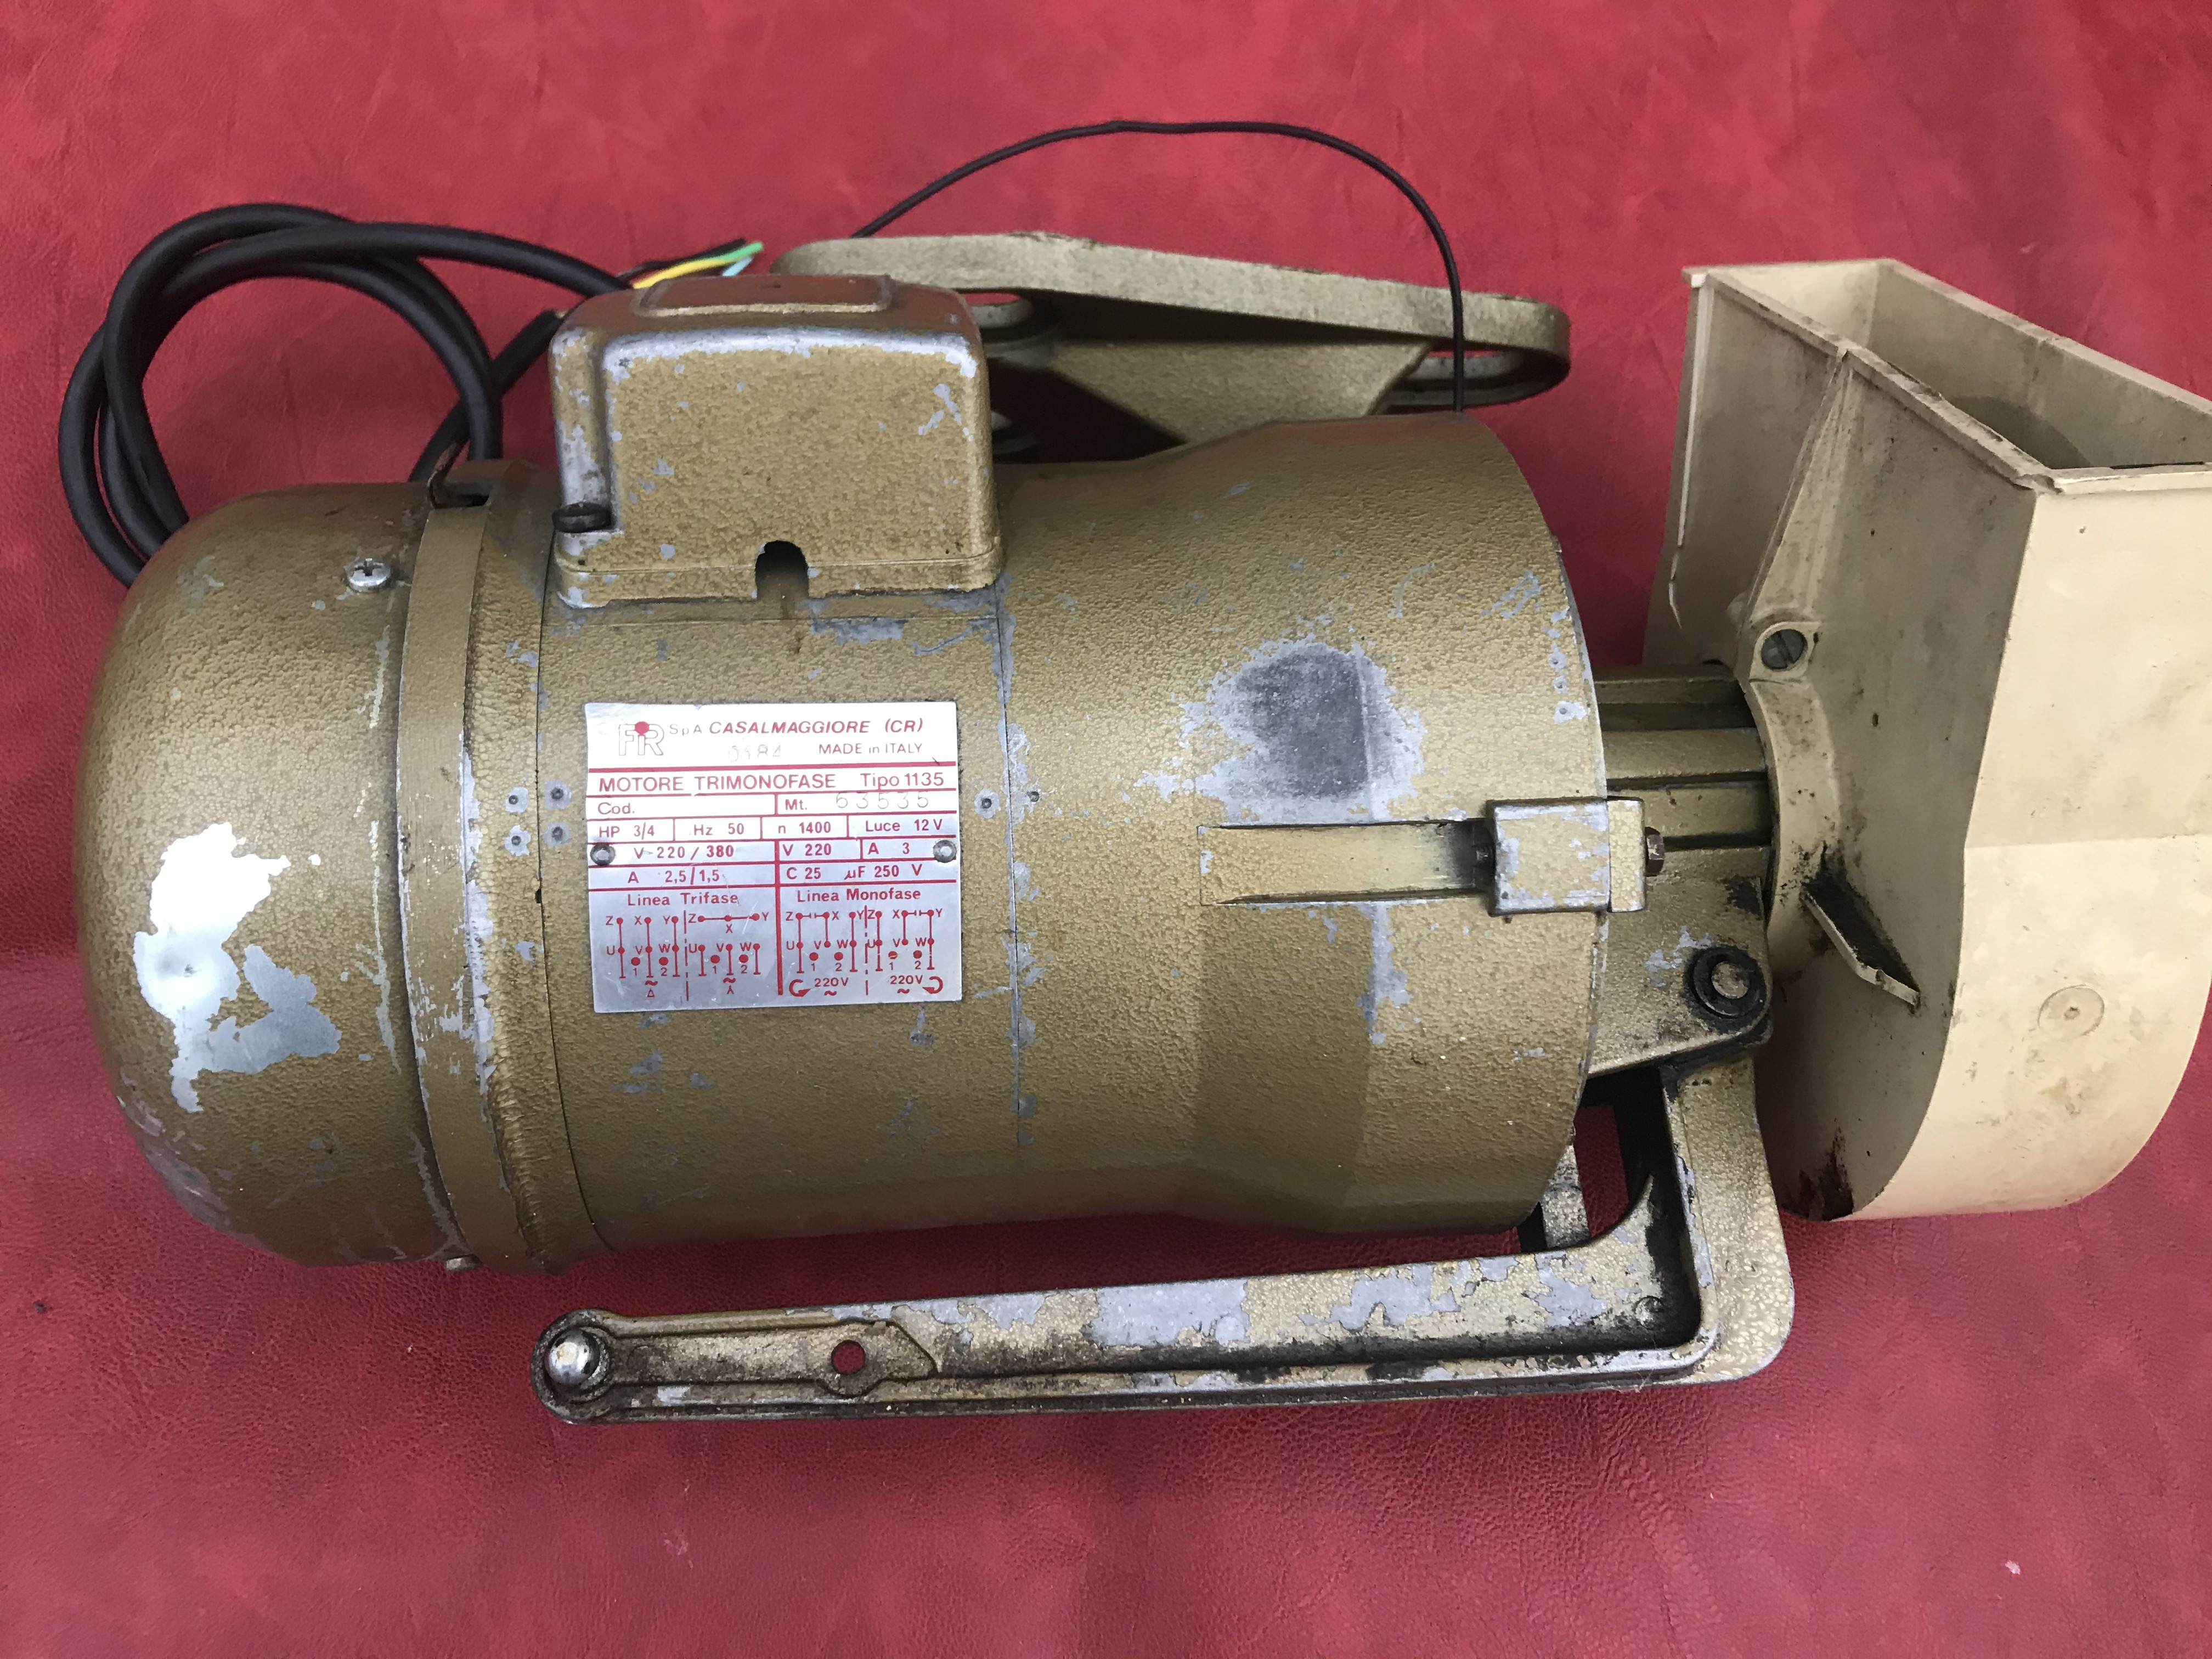 FIR Motore trimonofase macchina da cucire in vendita - foto 4